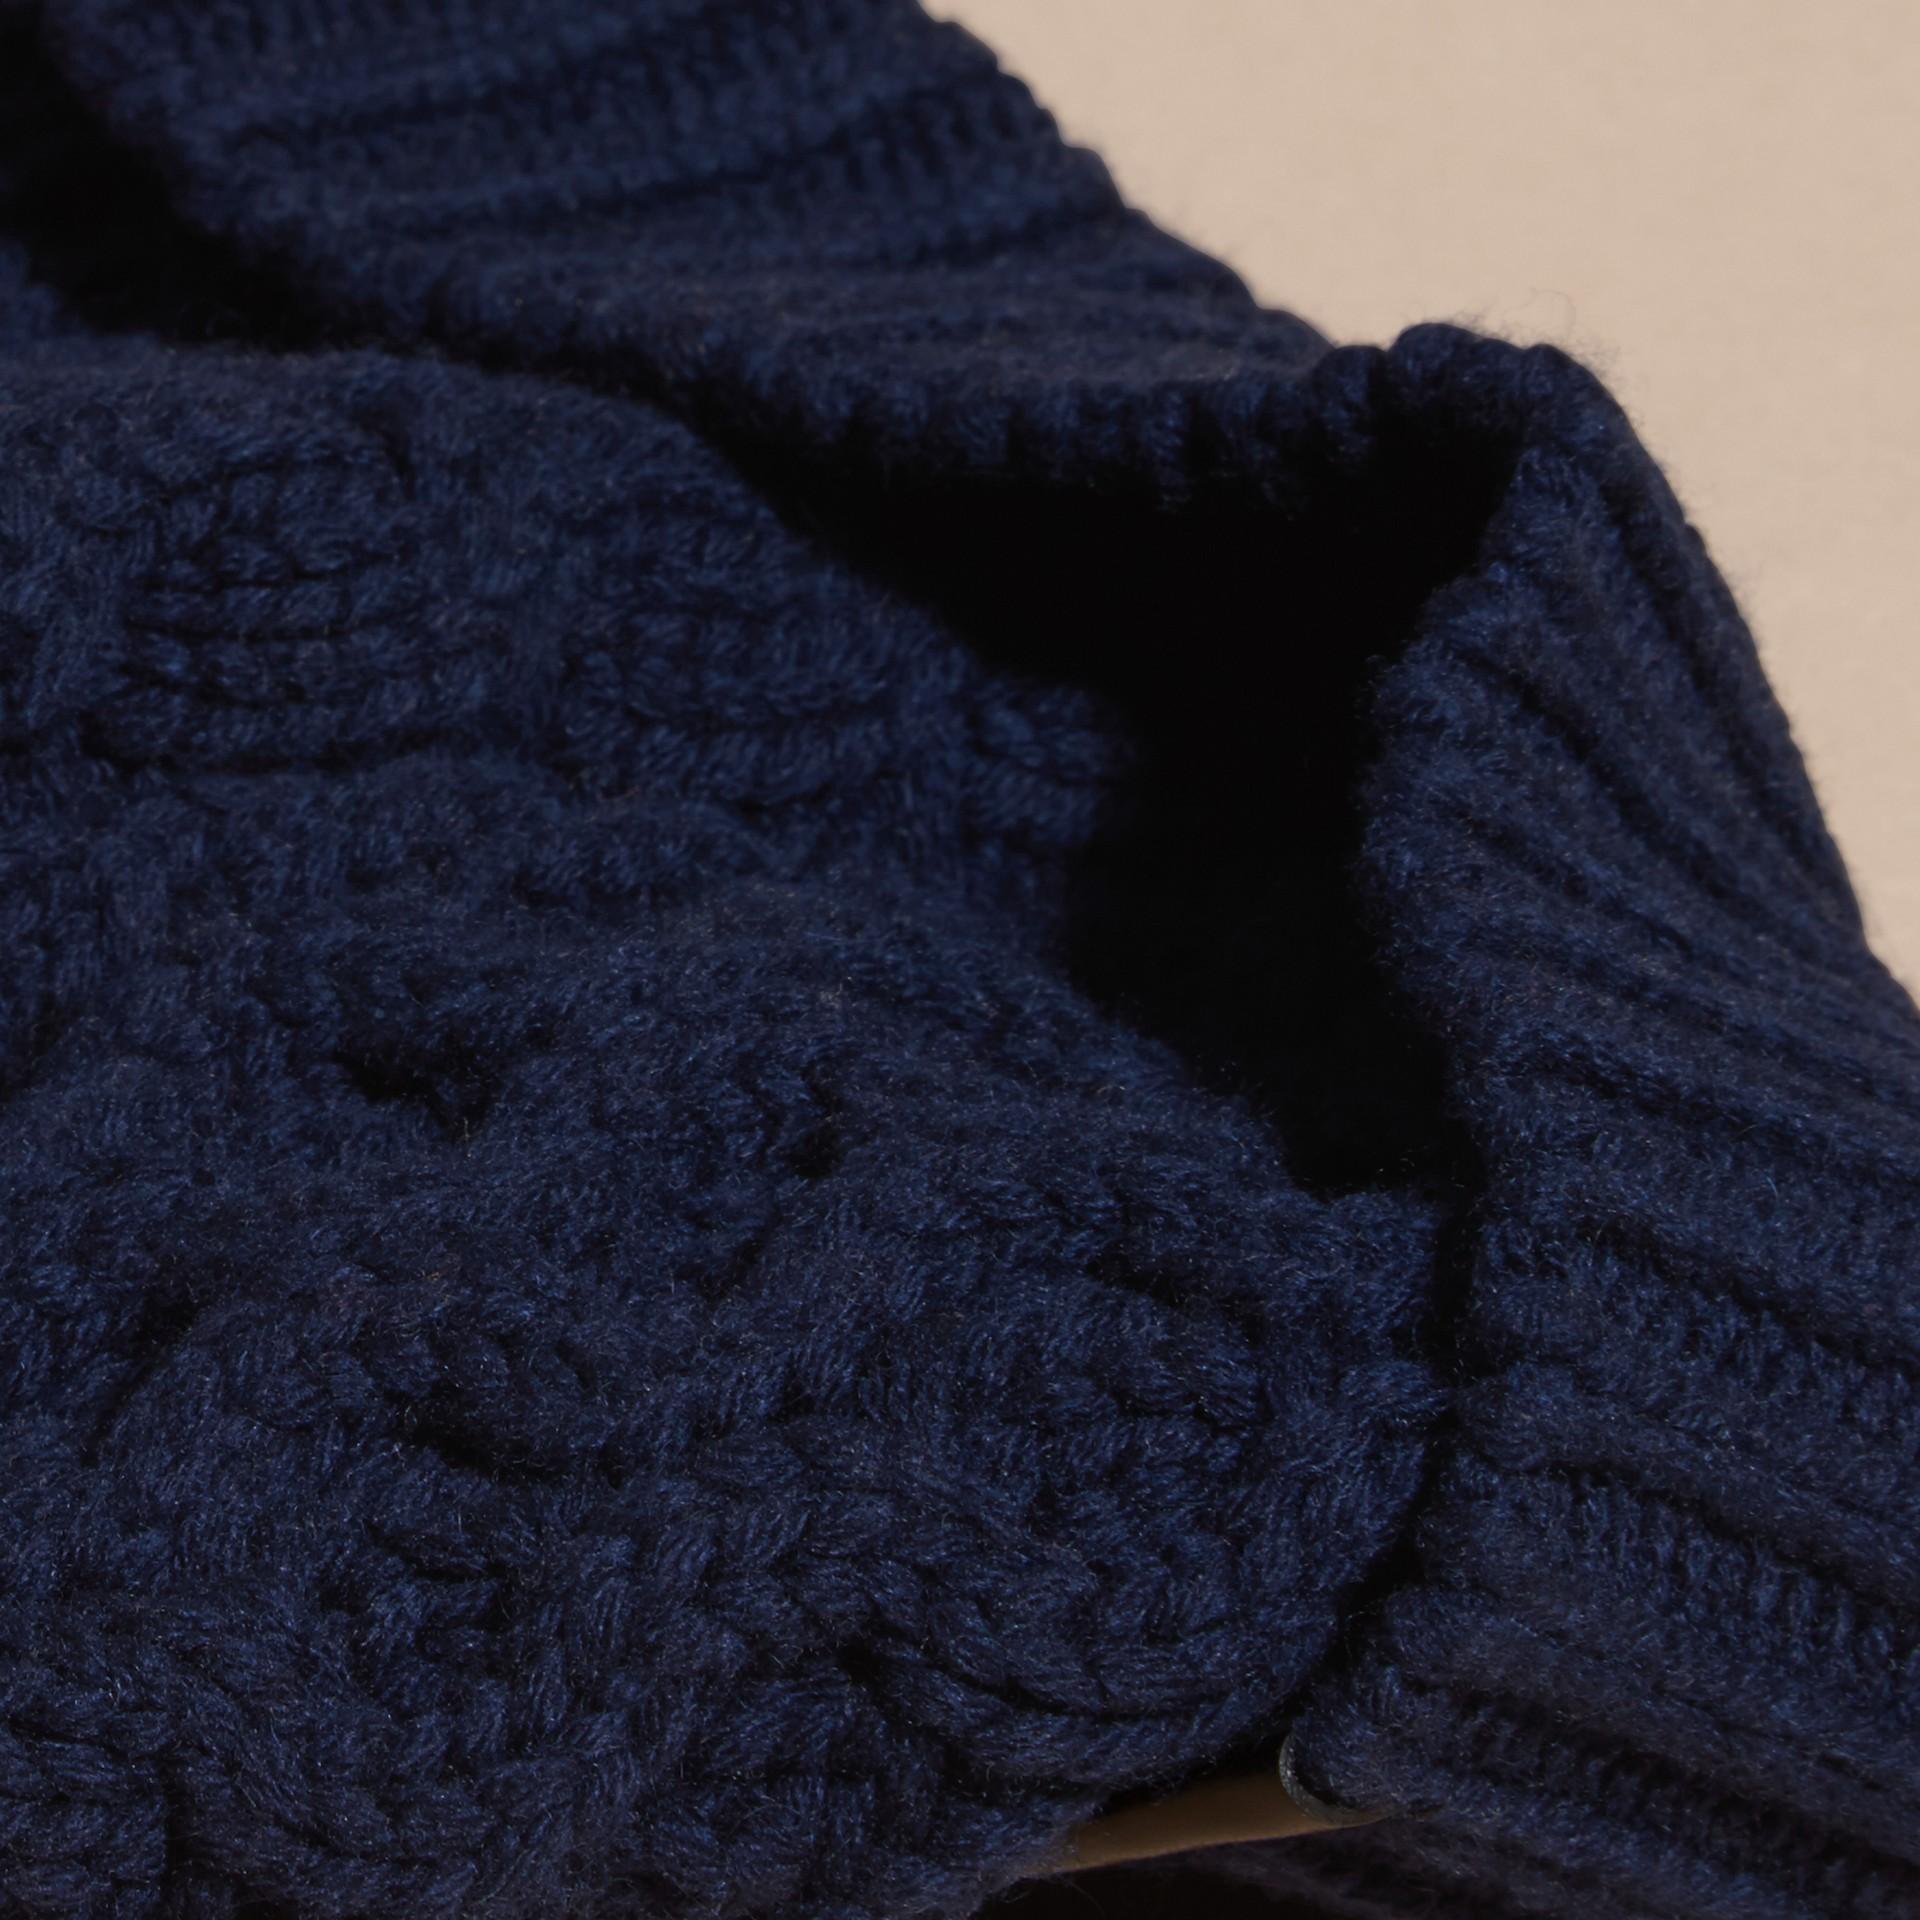 Navy scuro Cappellino in lana e cashmere con lavorazione Aran Navy Scuro - immagine della galleria 2